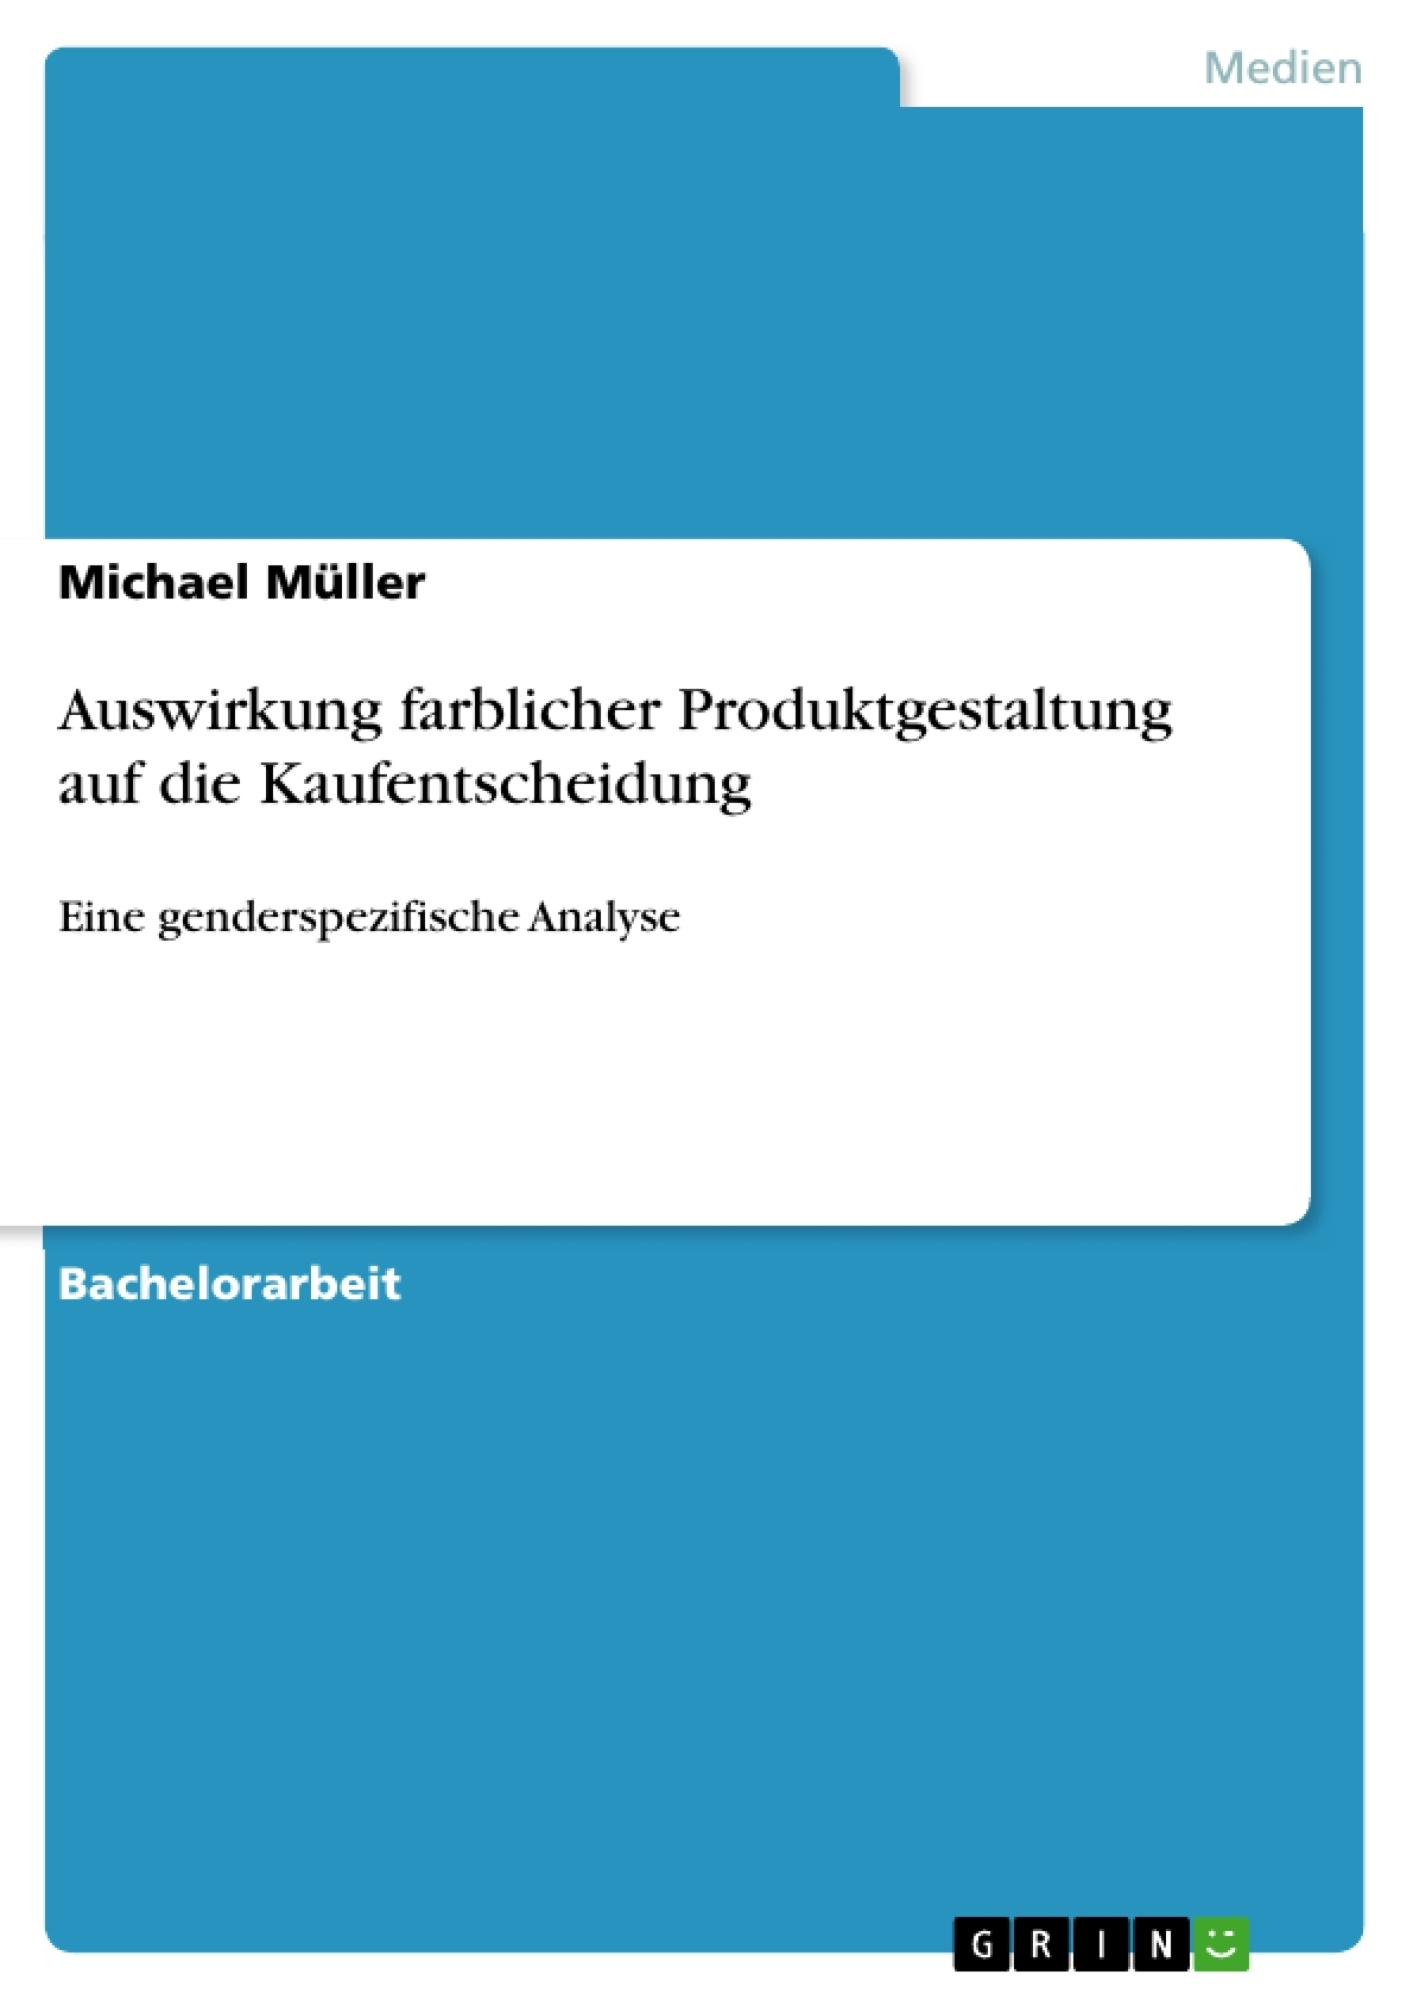 Titel: Auswirkung farblicher Produktgestaltung auf die Kaufentscheidung